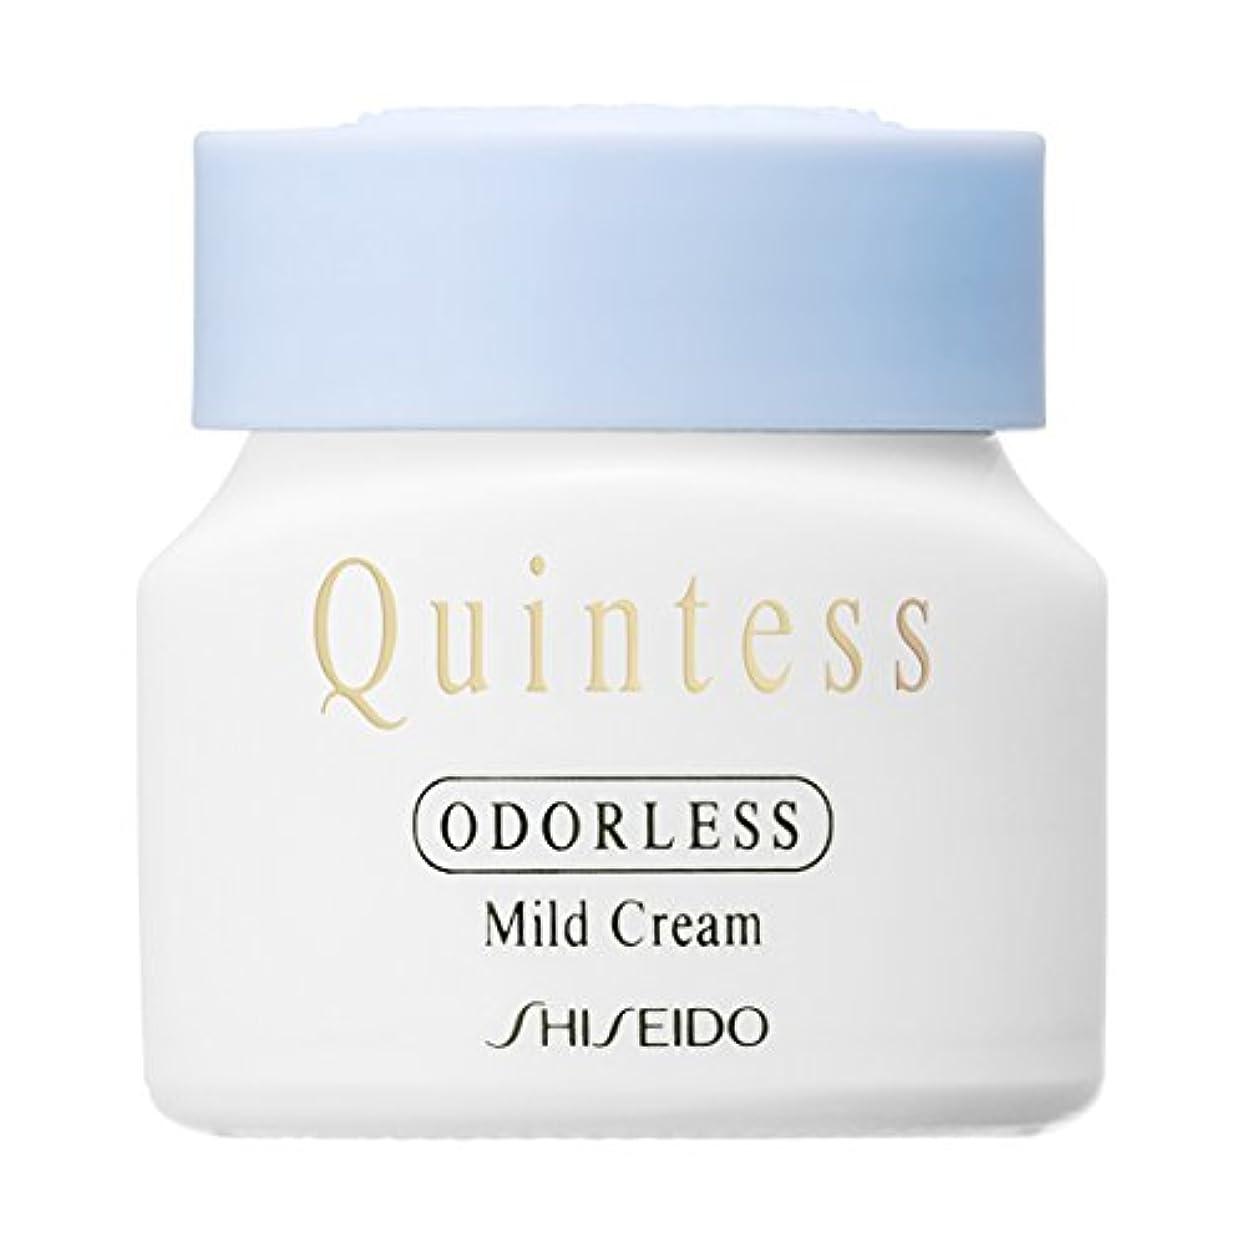 辞任する準備する近似クインテス オーダレス マイルドクリーム 30g